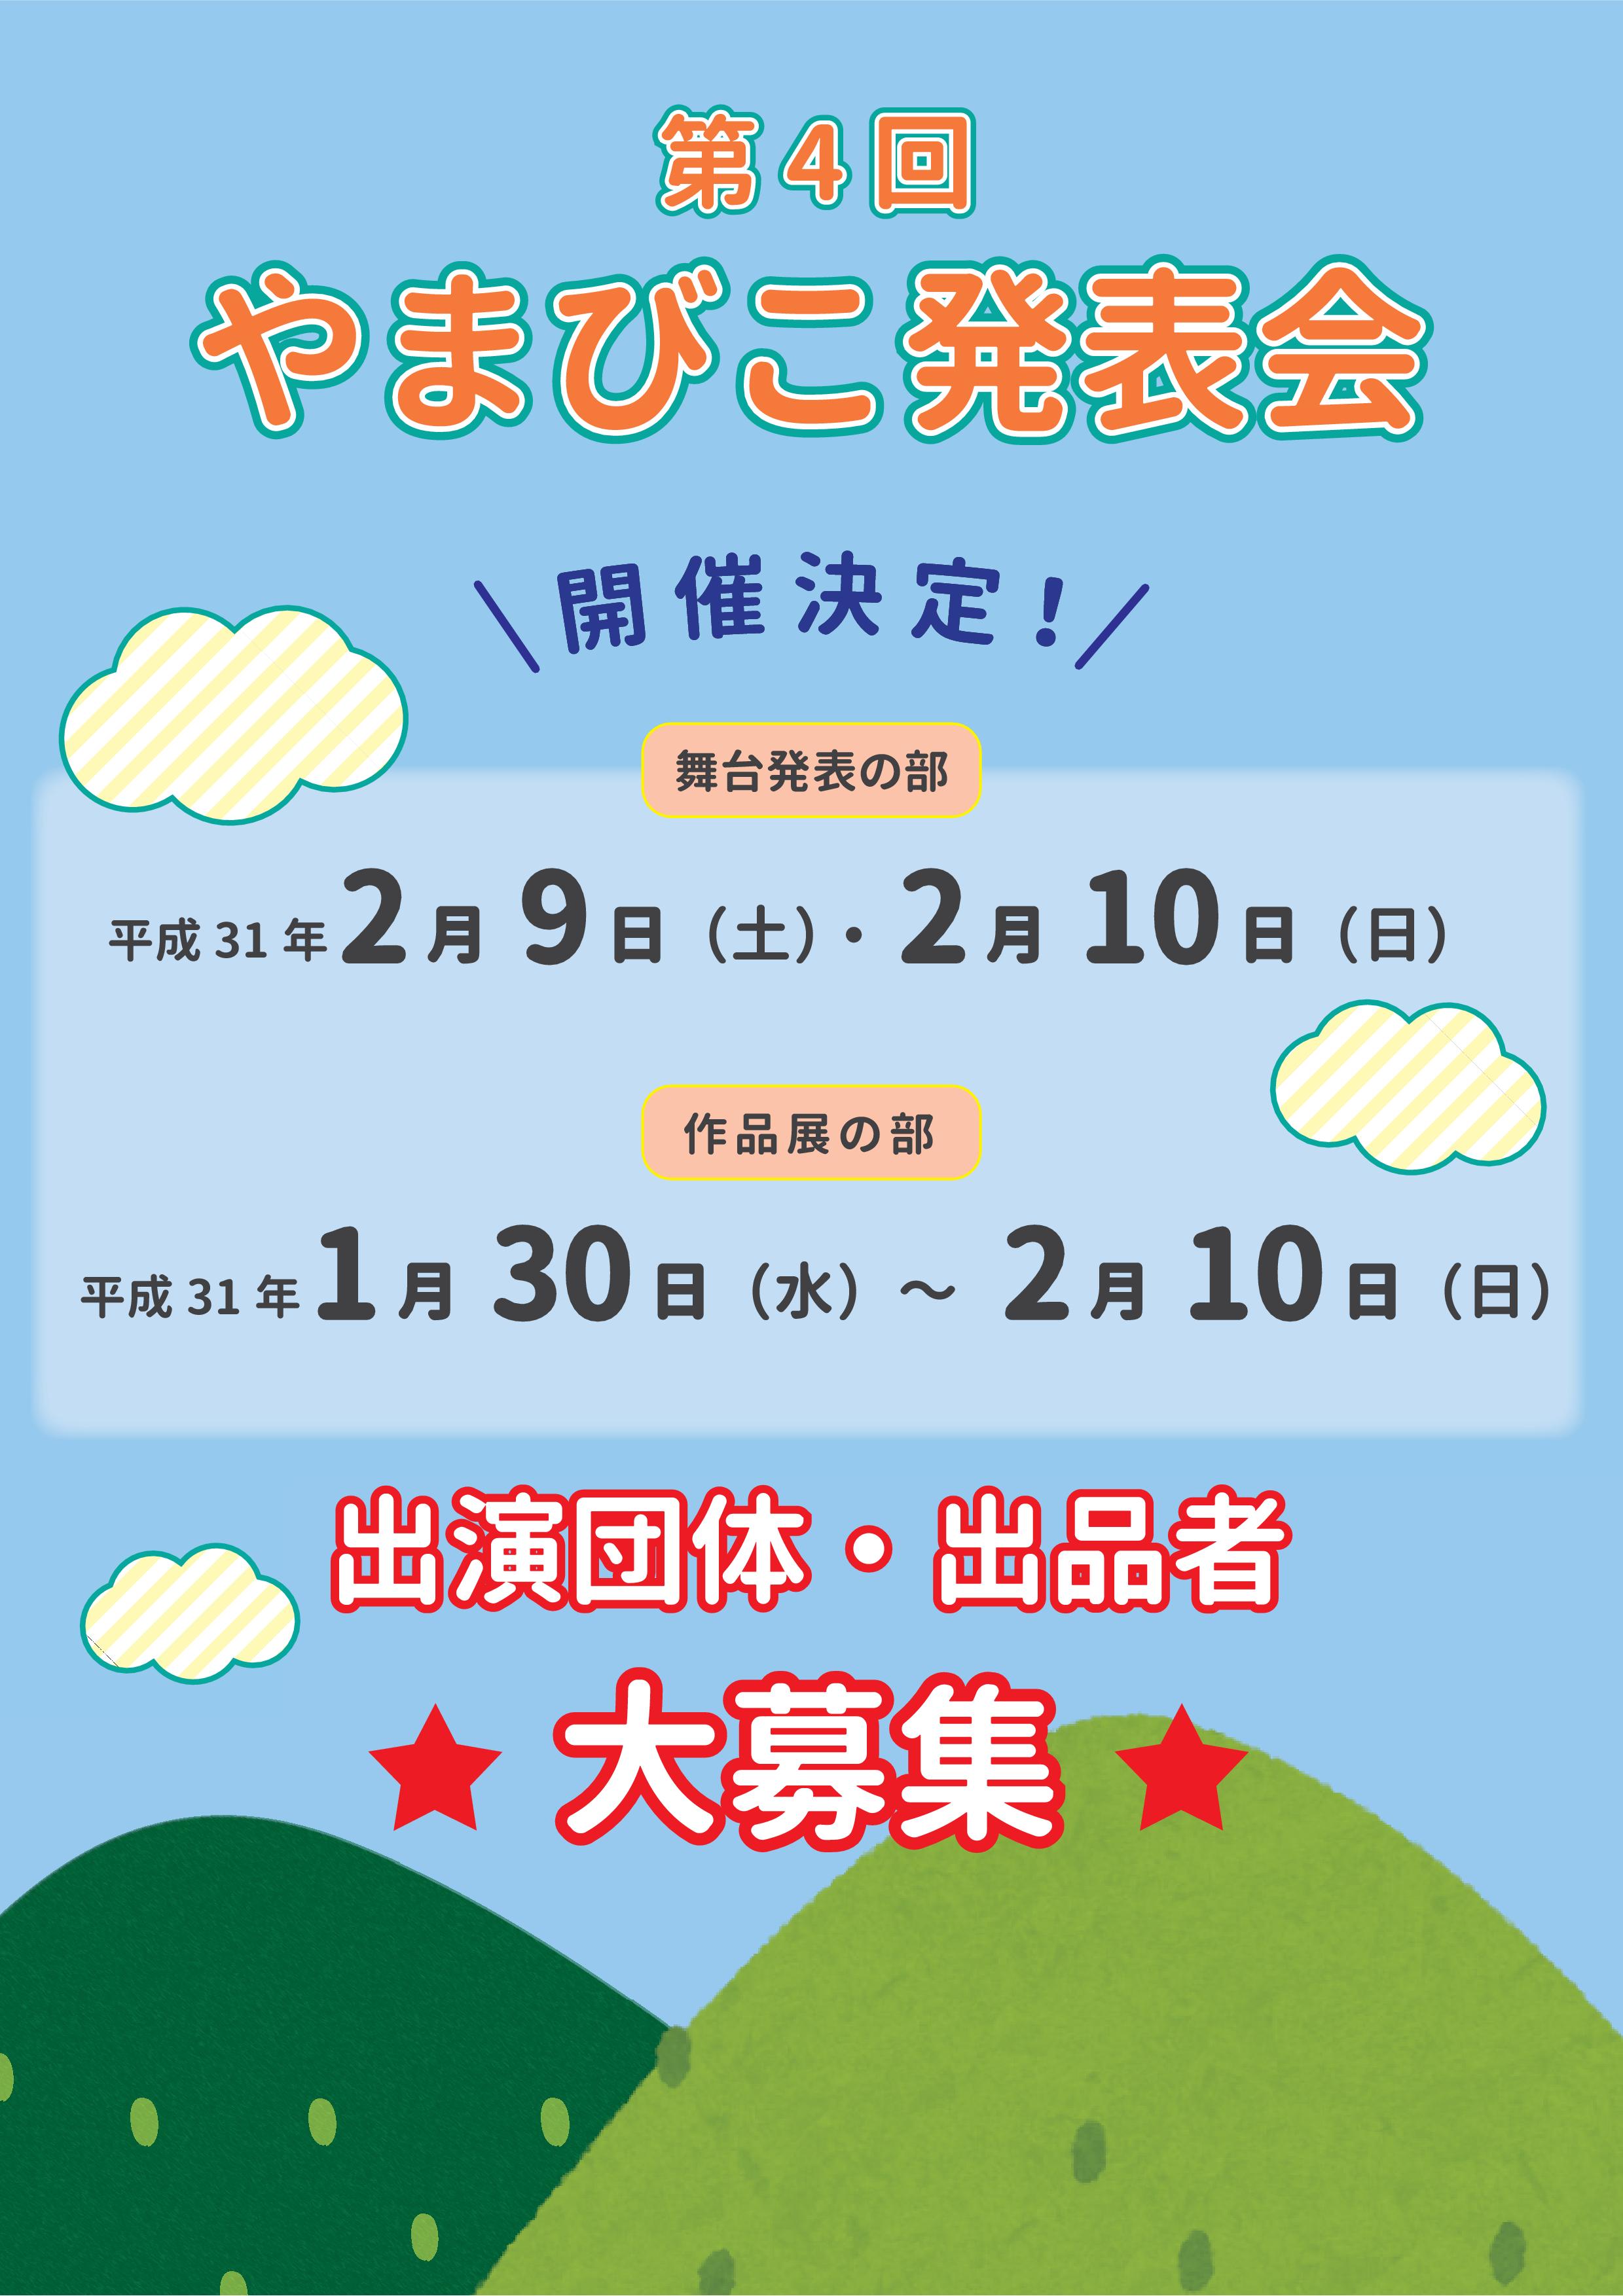 HP用募集用紙(表)